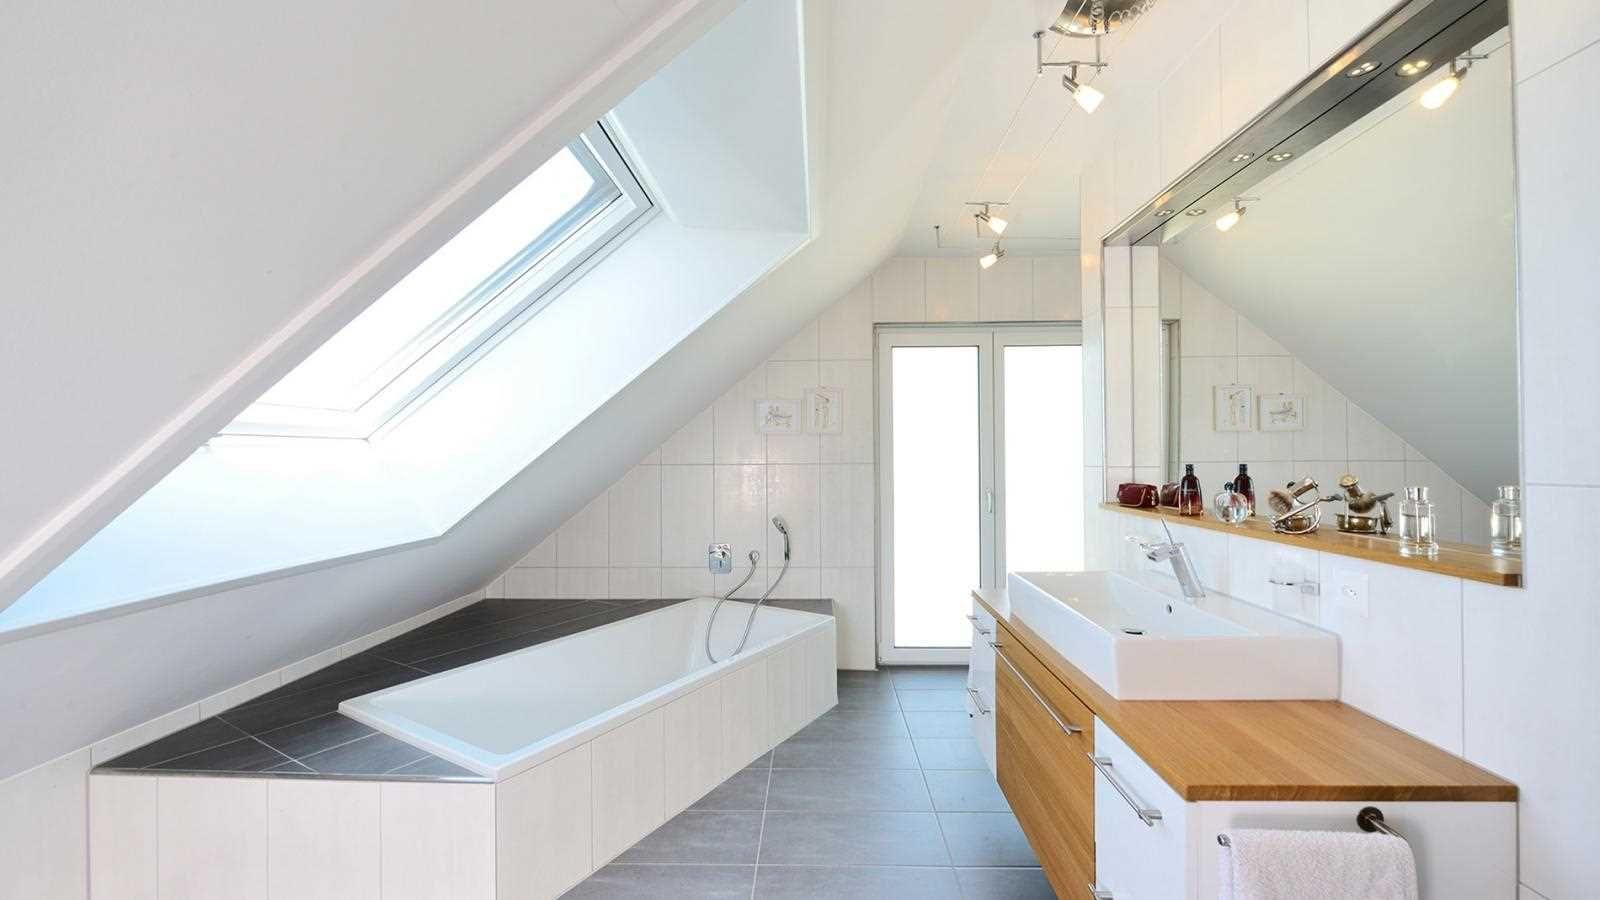 Wellness Unterm Dach Haus Kienhöfer Offenes Badezimmer Im Dachgeschoss